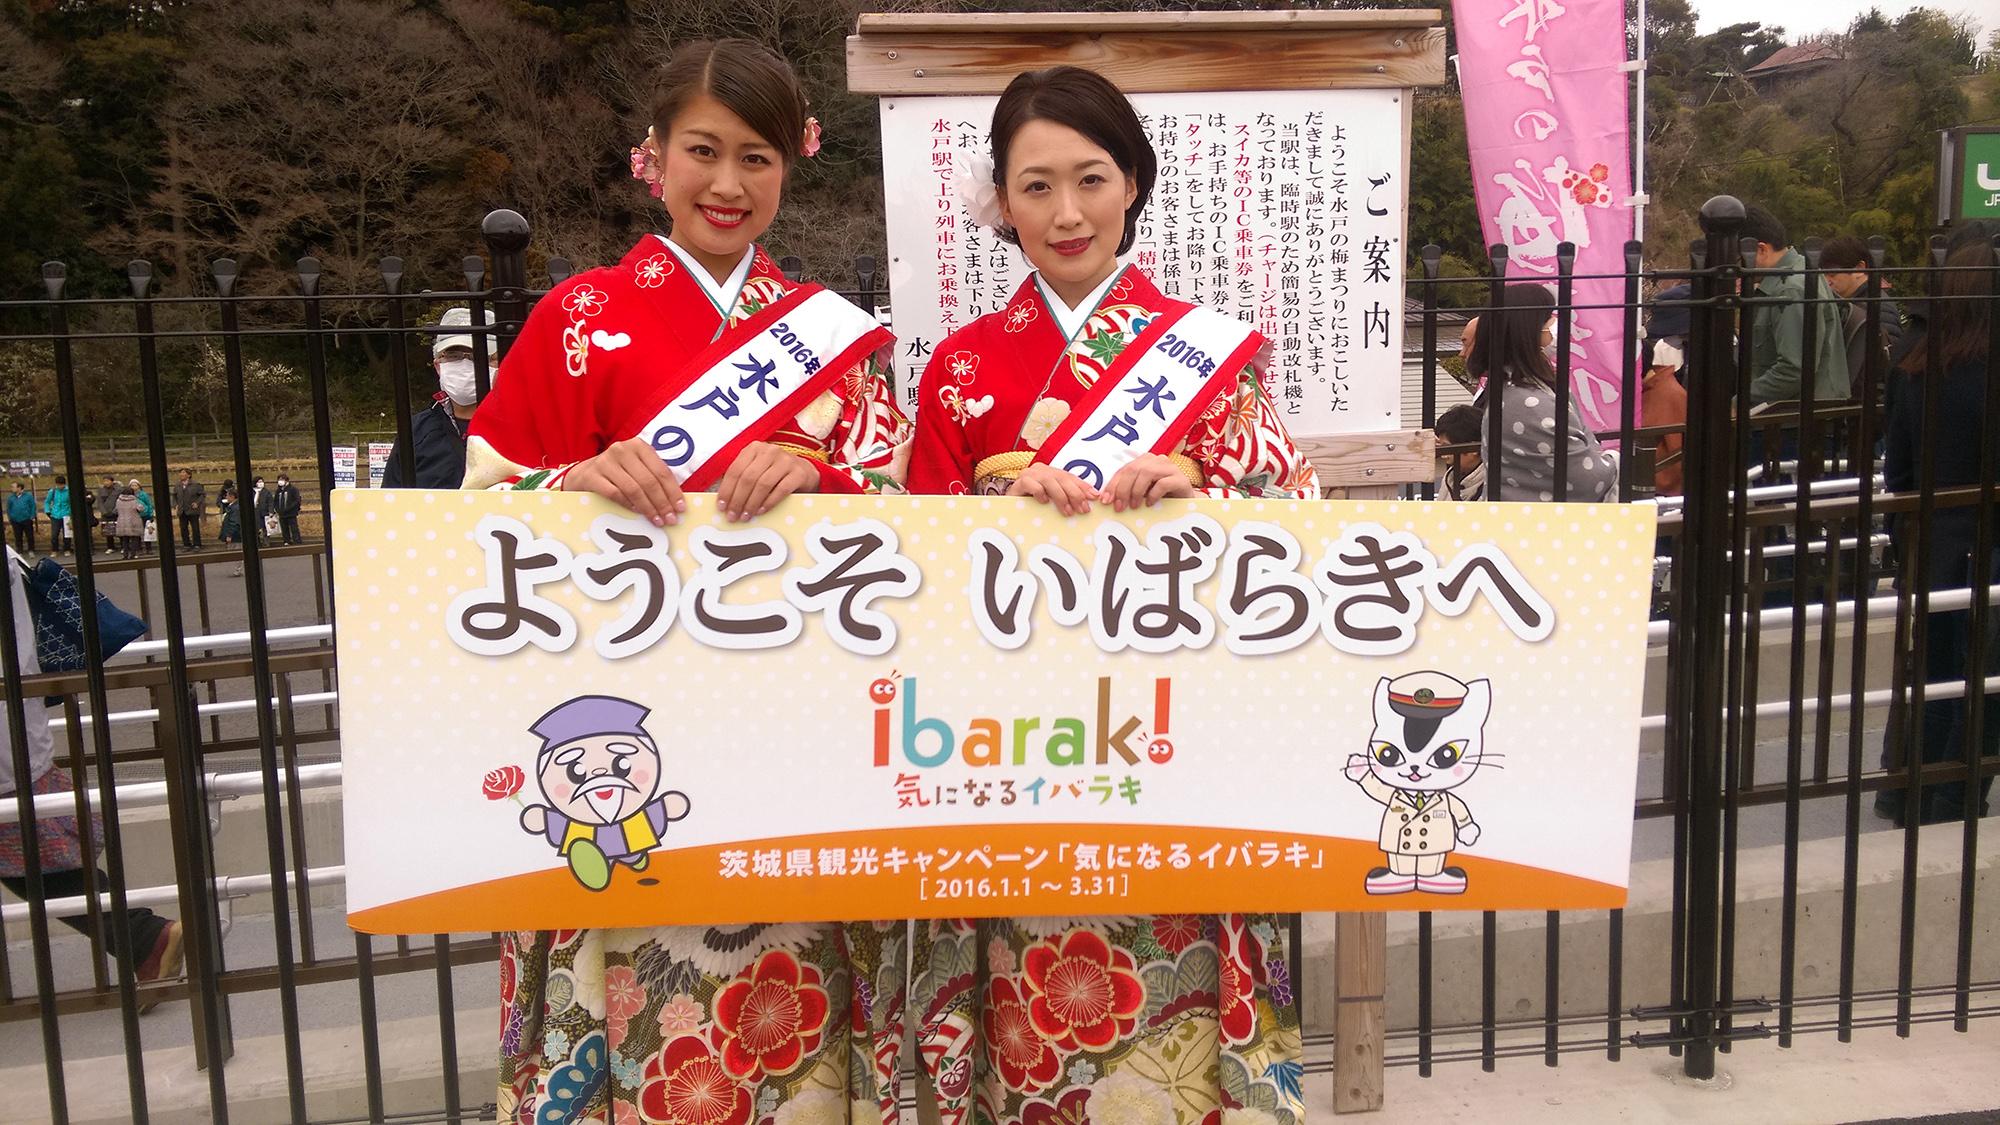 【観光名所/SightseeingSpots】水戸「偕楽園」梅まつり2016☆